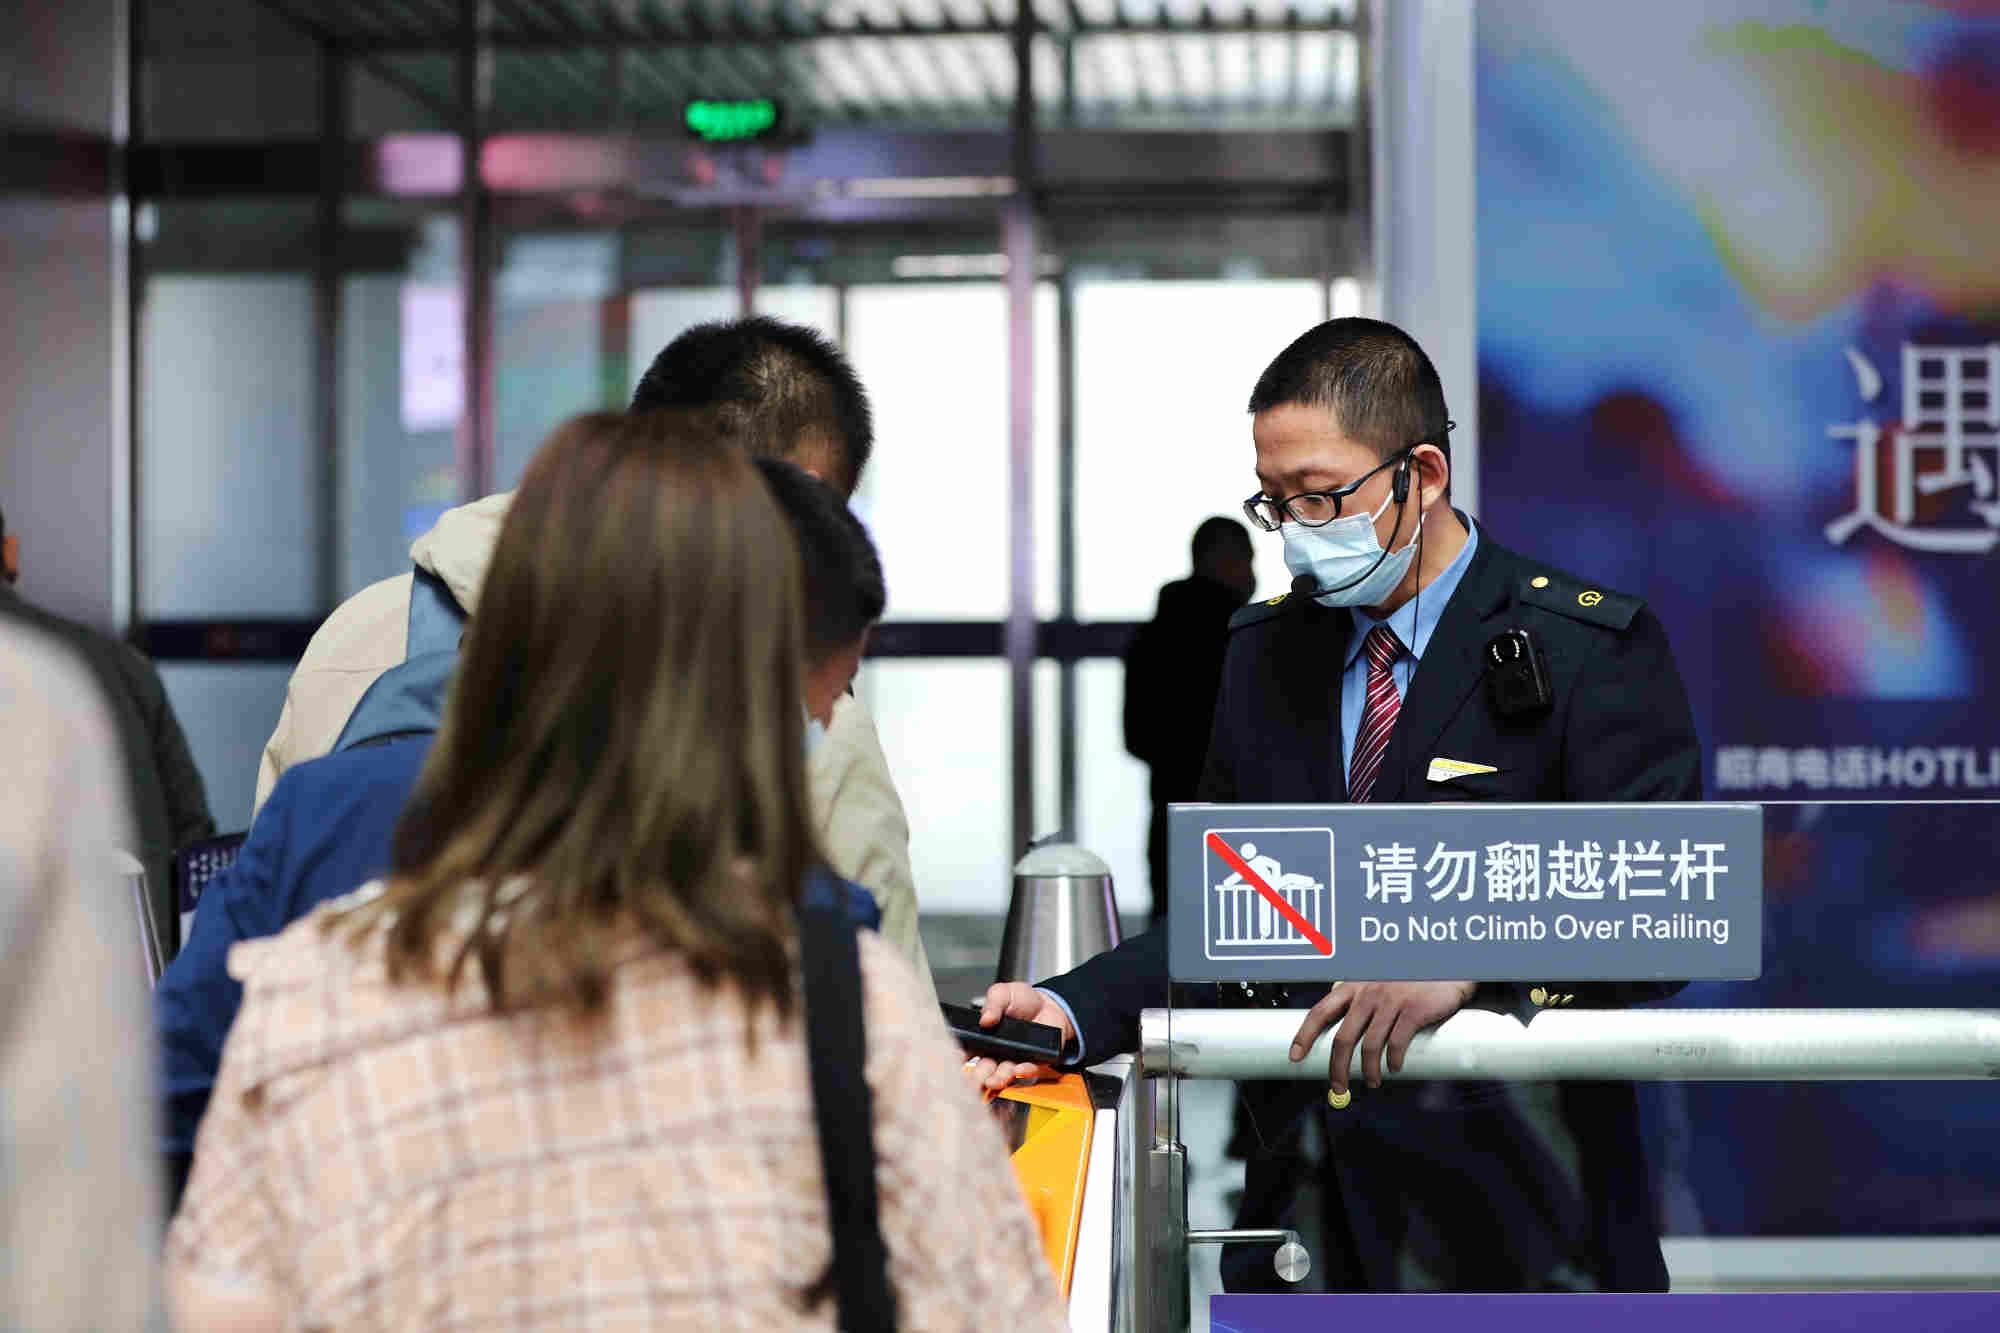 沈阳局集团公司各客运单位精心组织,科学统筹,为旅客提供全方位、全链条、全过程优质服务。崔凯 摄